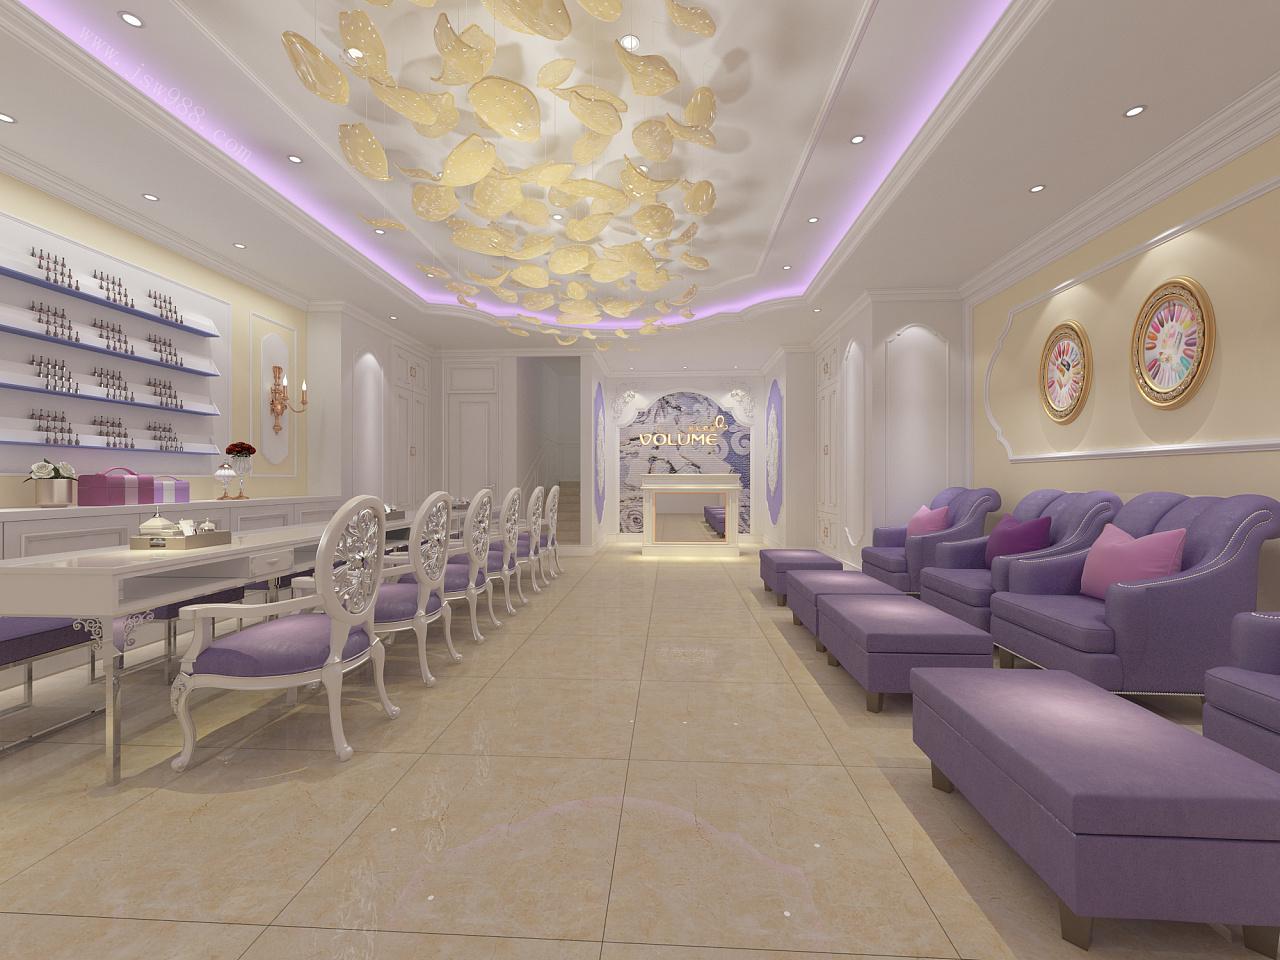 美容院的大廳裝修設計效果圖圖片